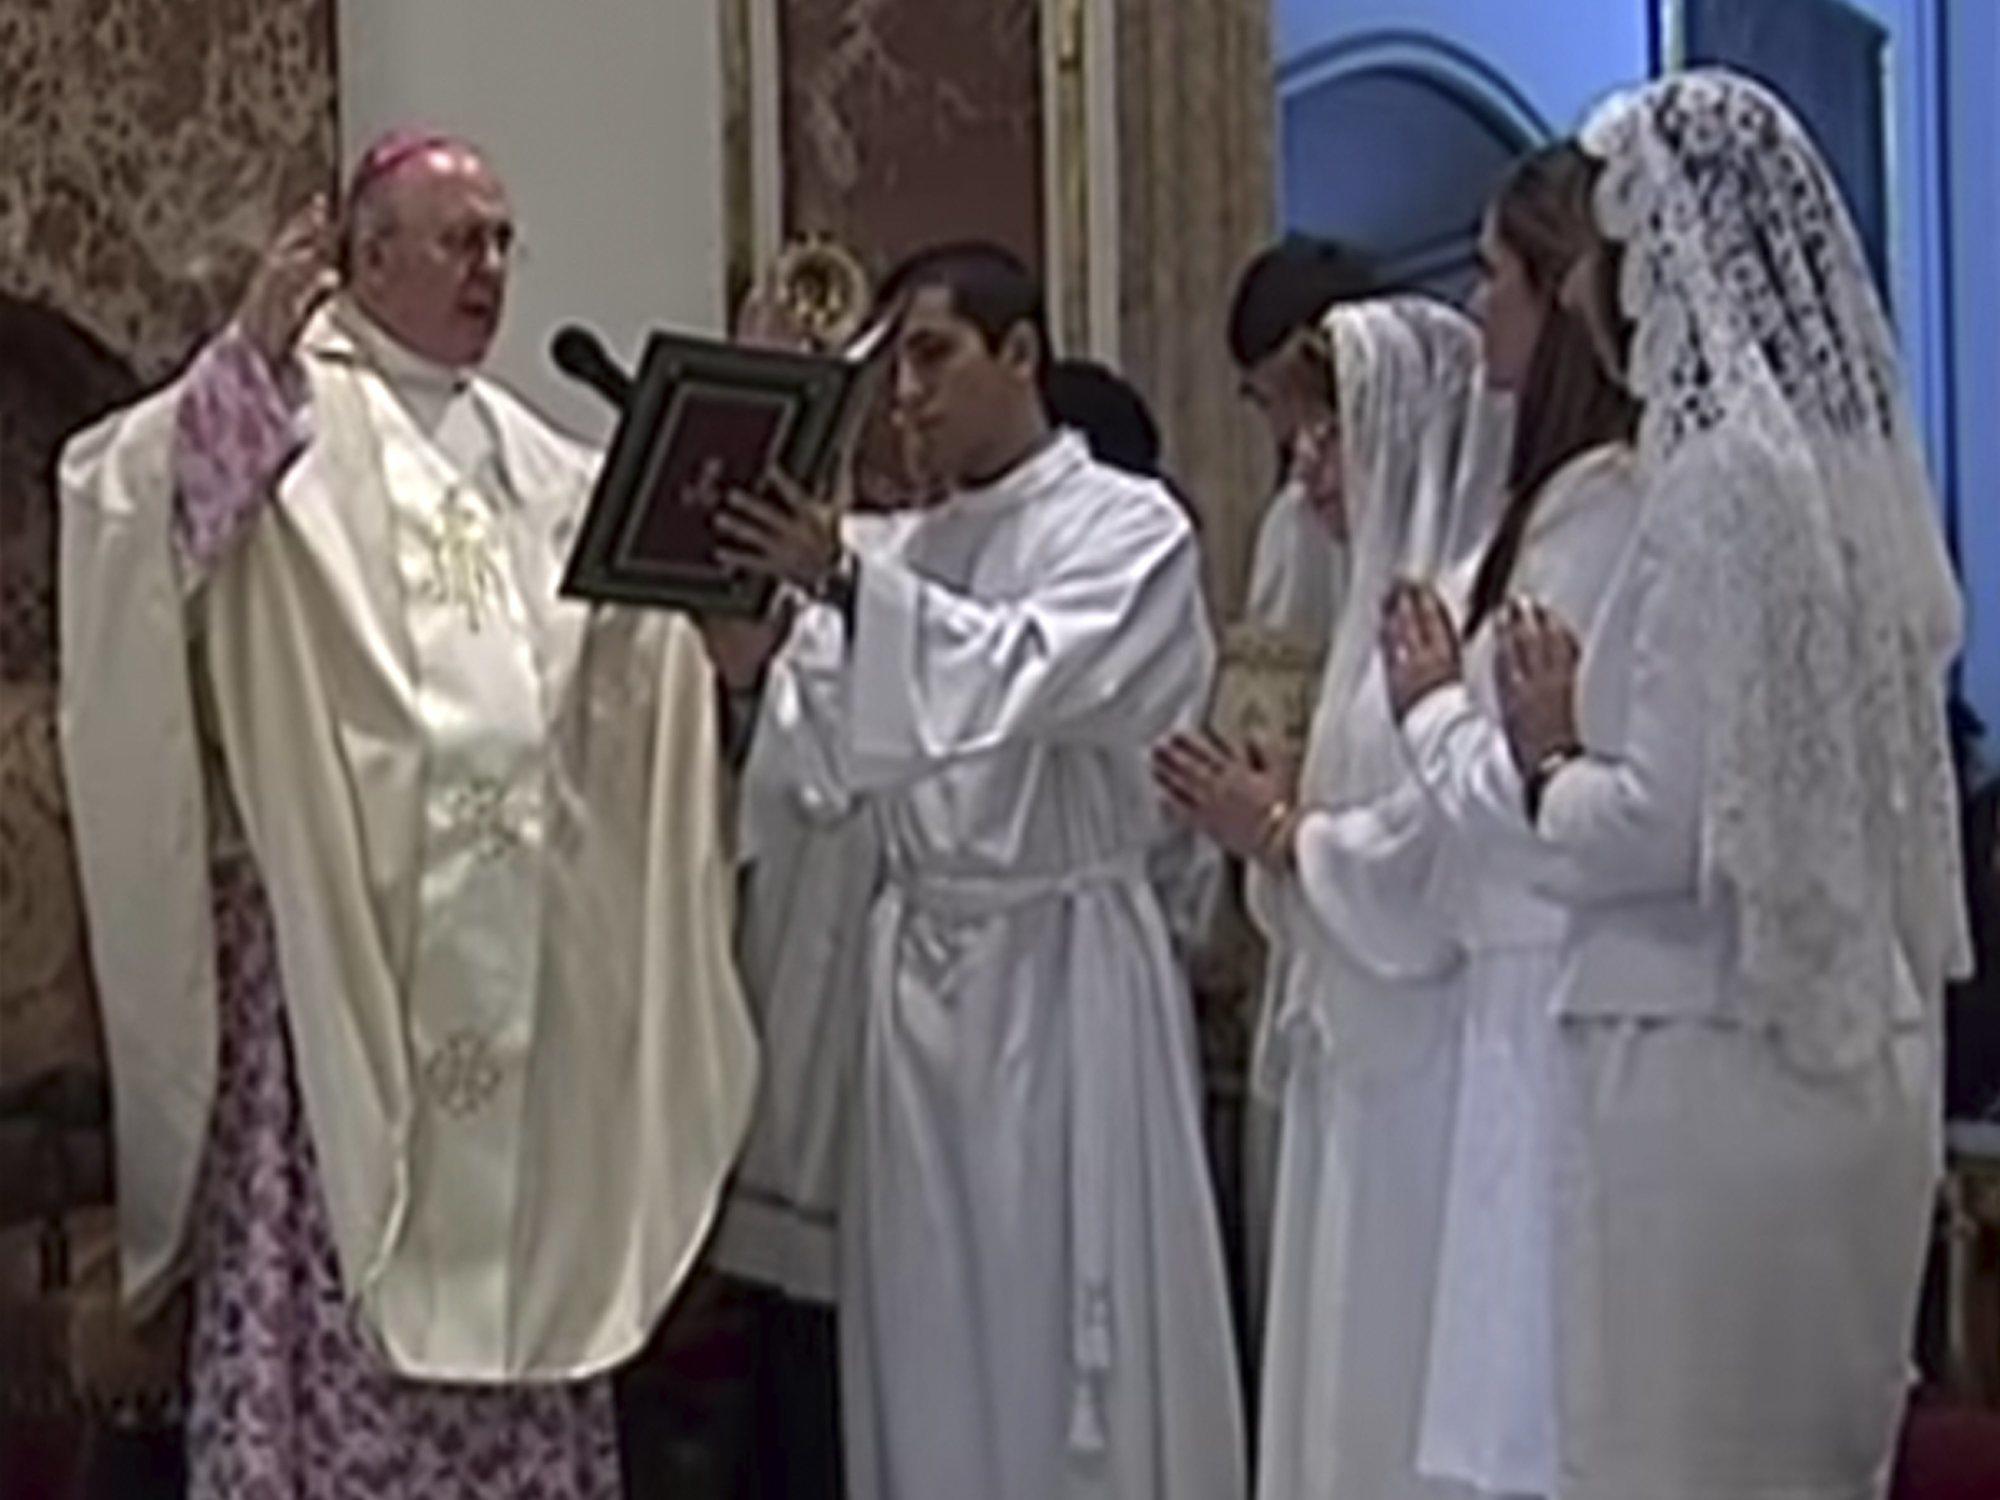 La Iglesia quiere reunir a todas sus vírgenes consagradas vivas en un macroevento en 2020